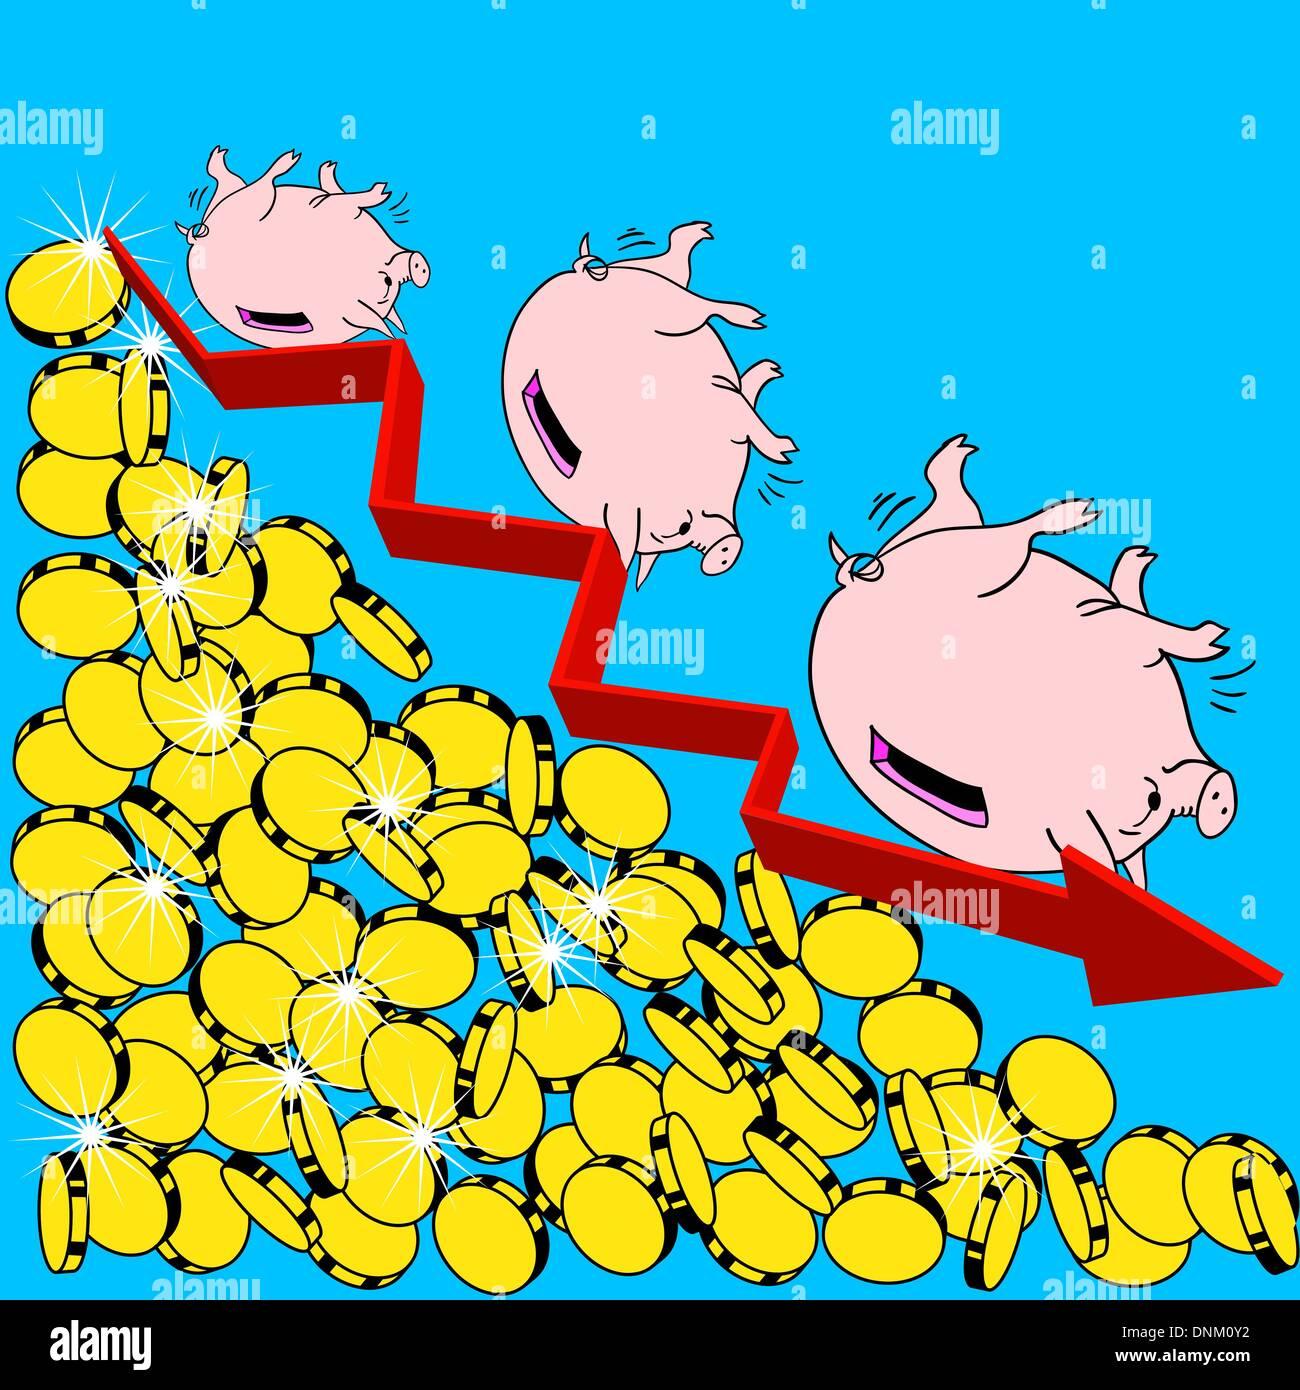 La crisis financiera la ilustración del concepto Imagen De Stock